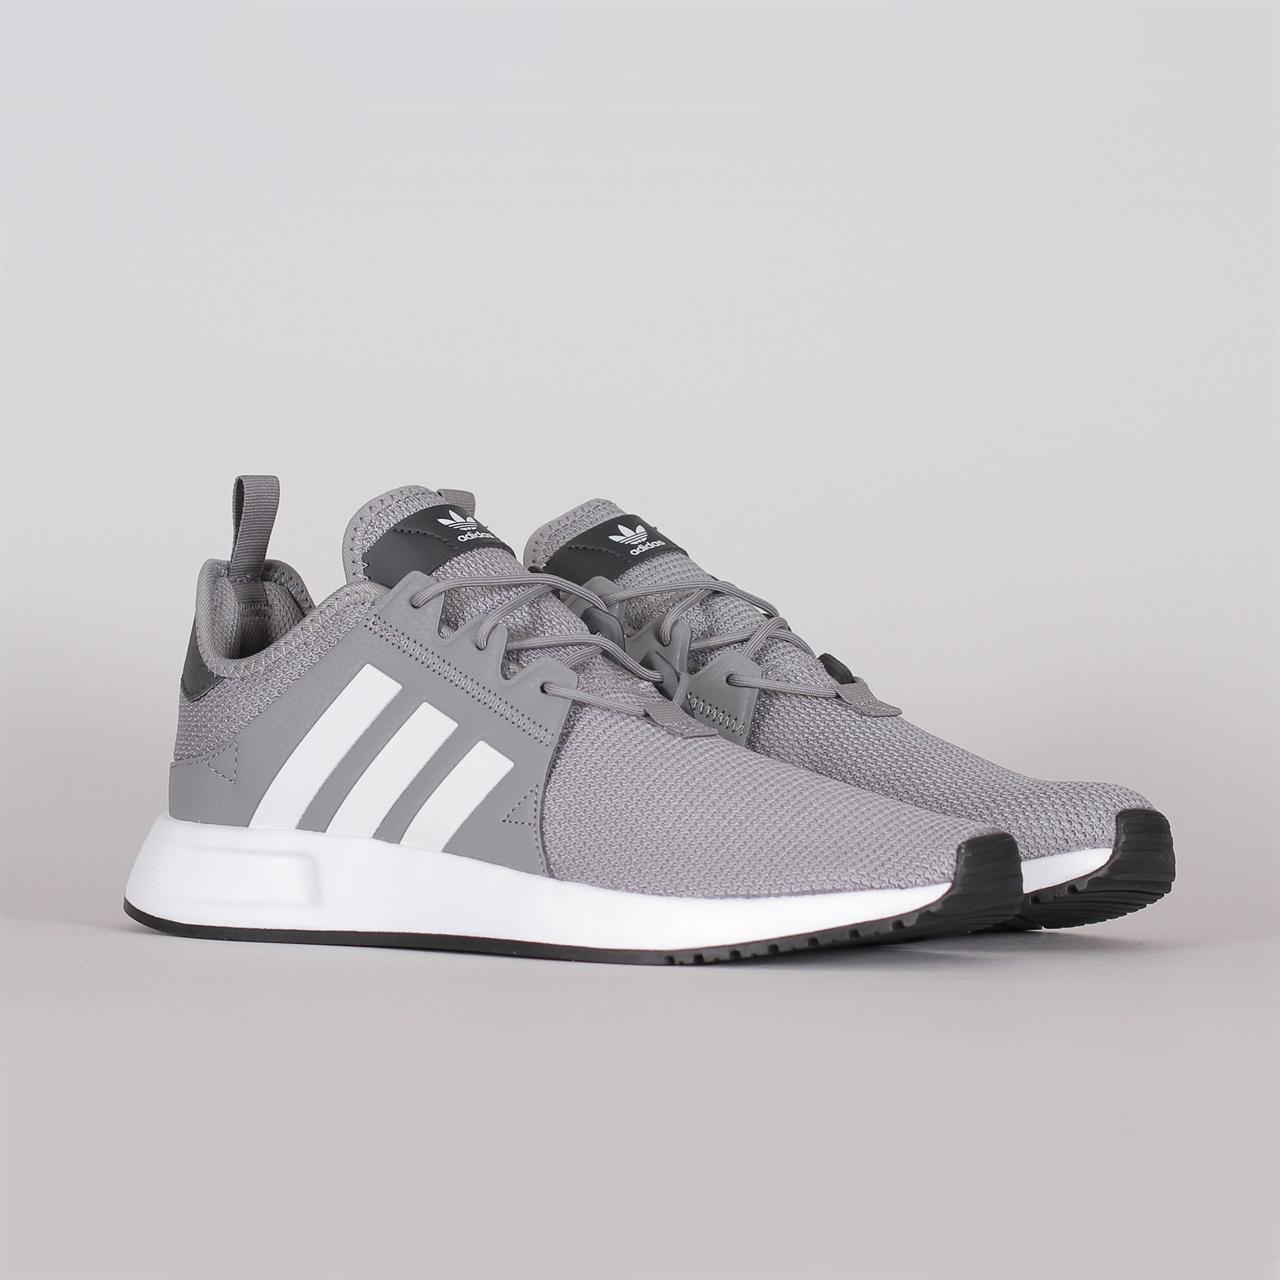 9af542aa3 Shelta - Adidas Originals X PLR (CQ2408)